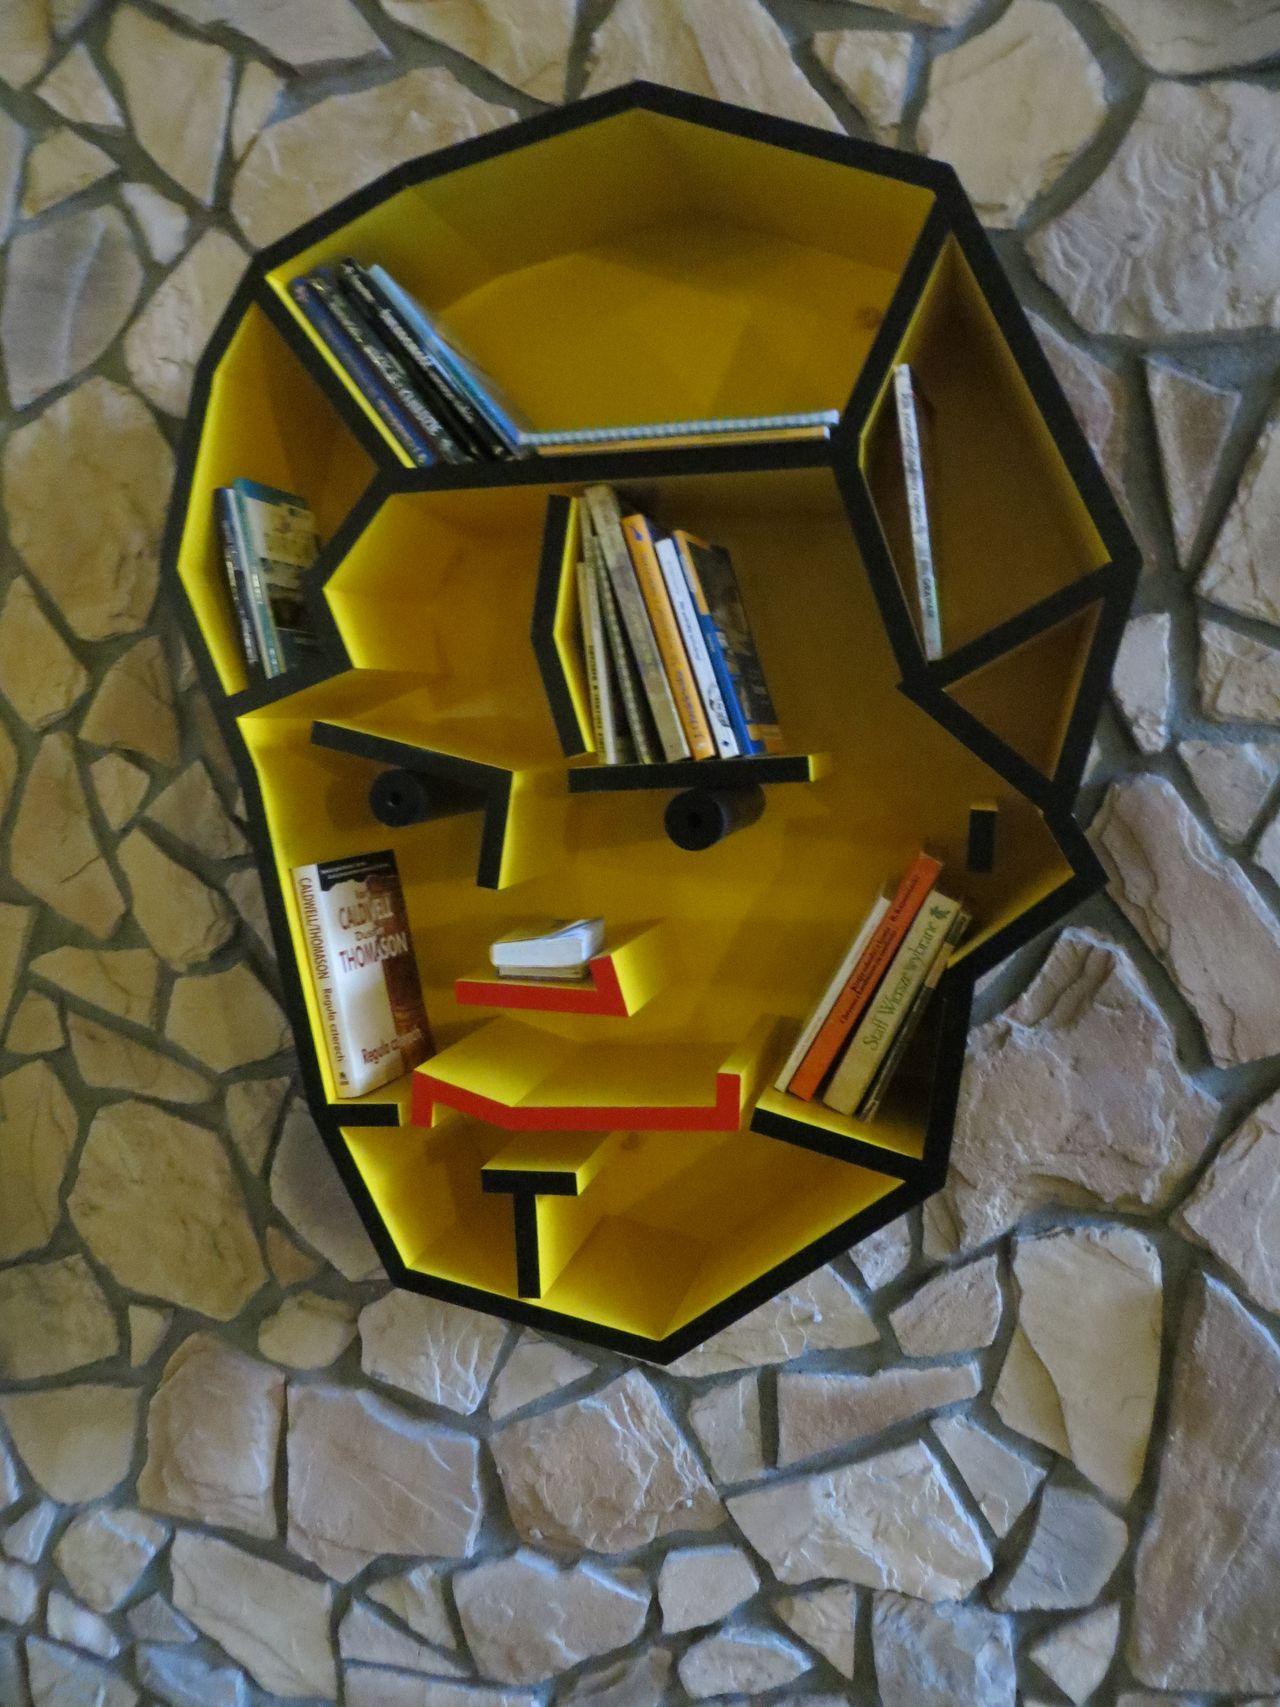 mikrobiblioteki bibliotki plenerowe